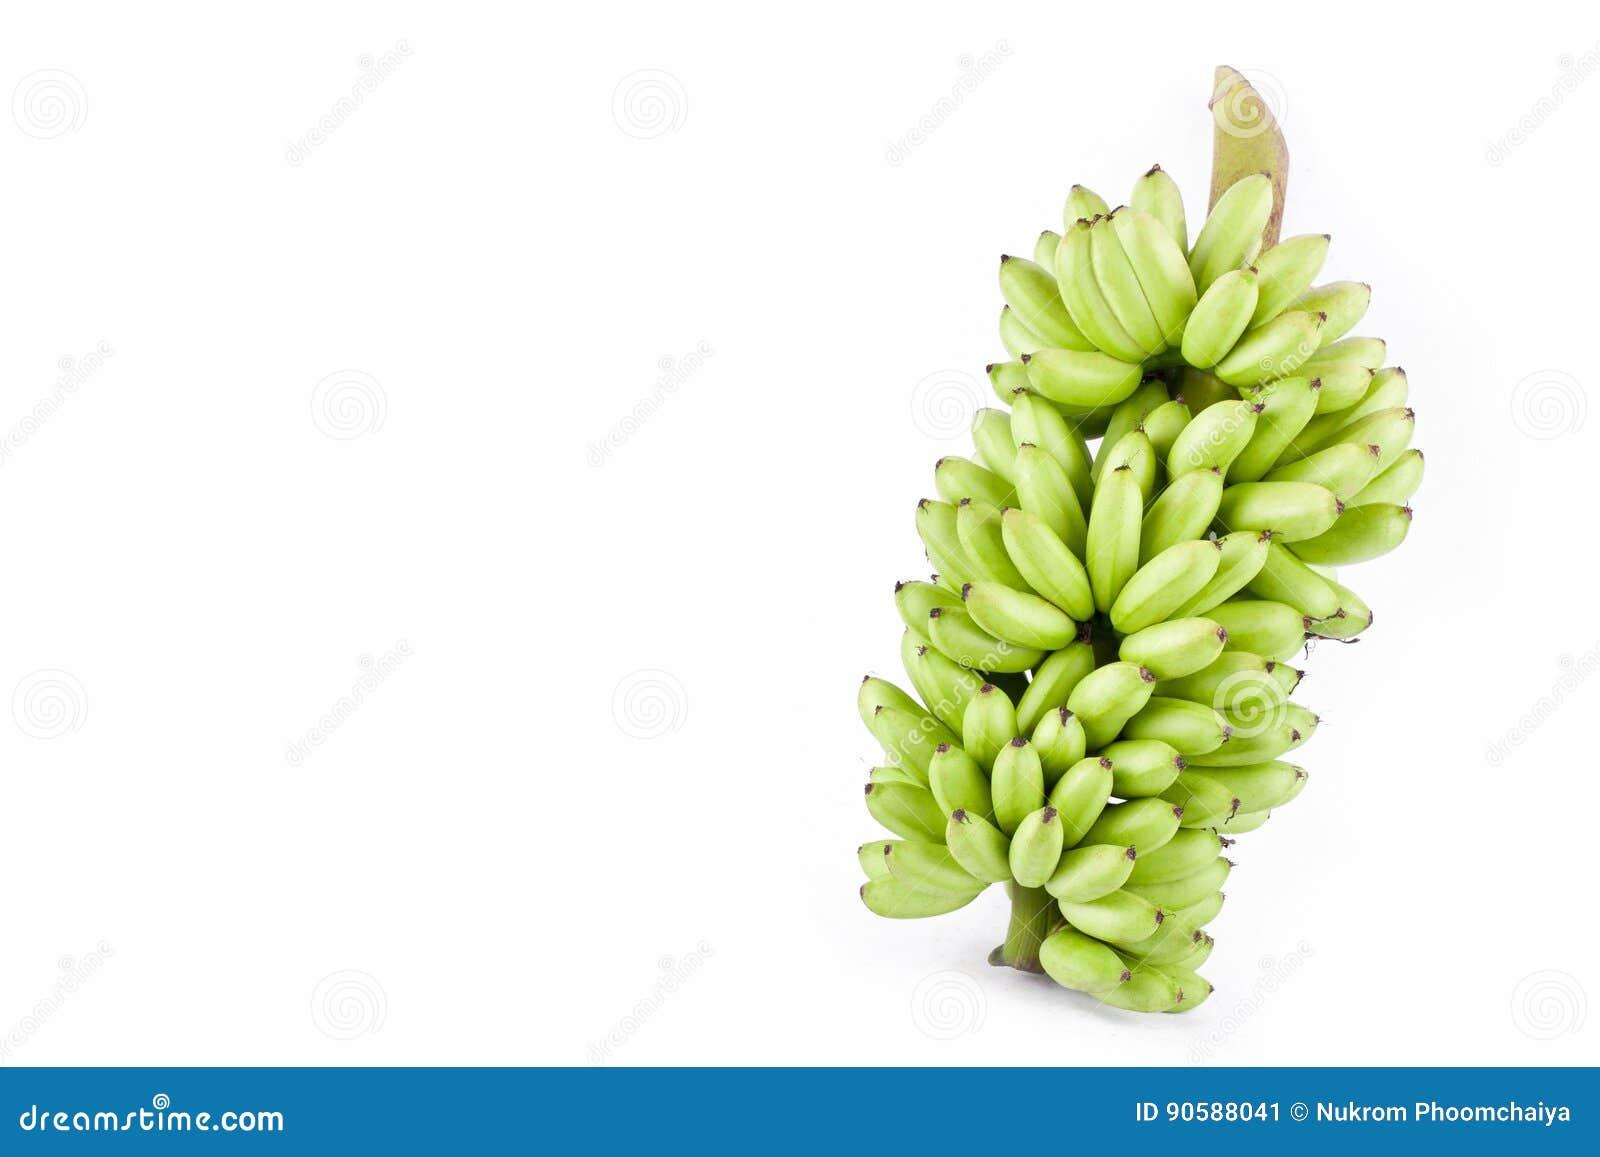 Paquete de plátano crudo fresco de señora Finger en la comida sana de la fruta de Pisang Mas Banana del fondo blanco aislada